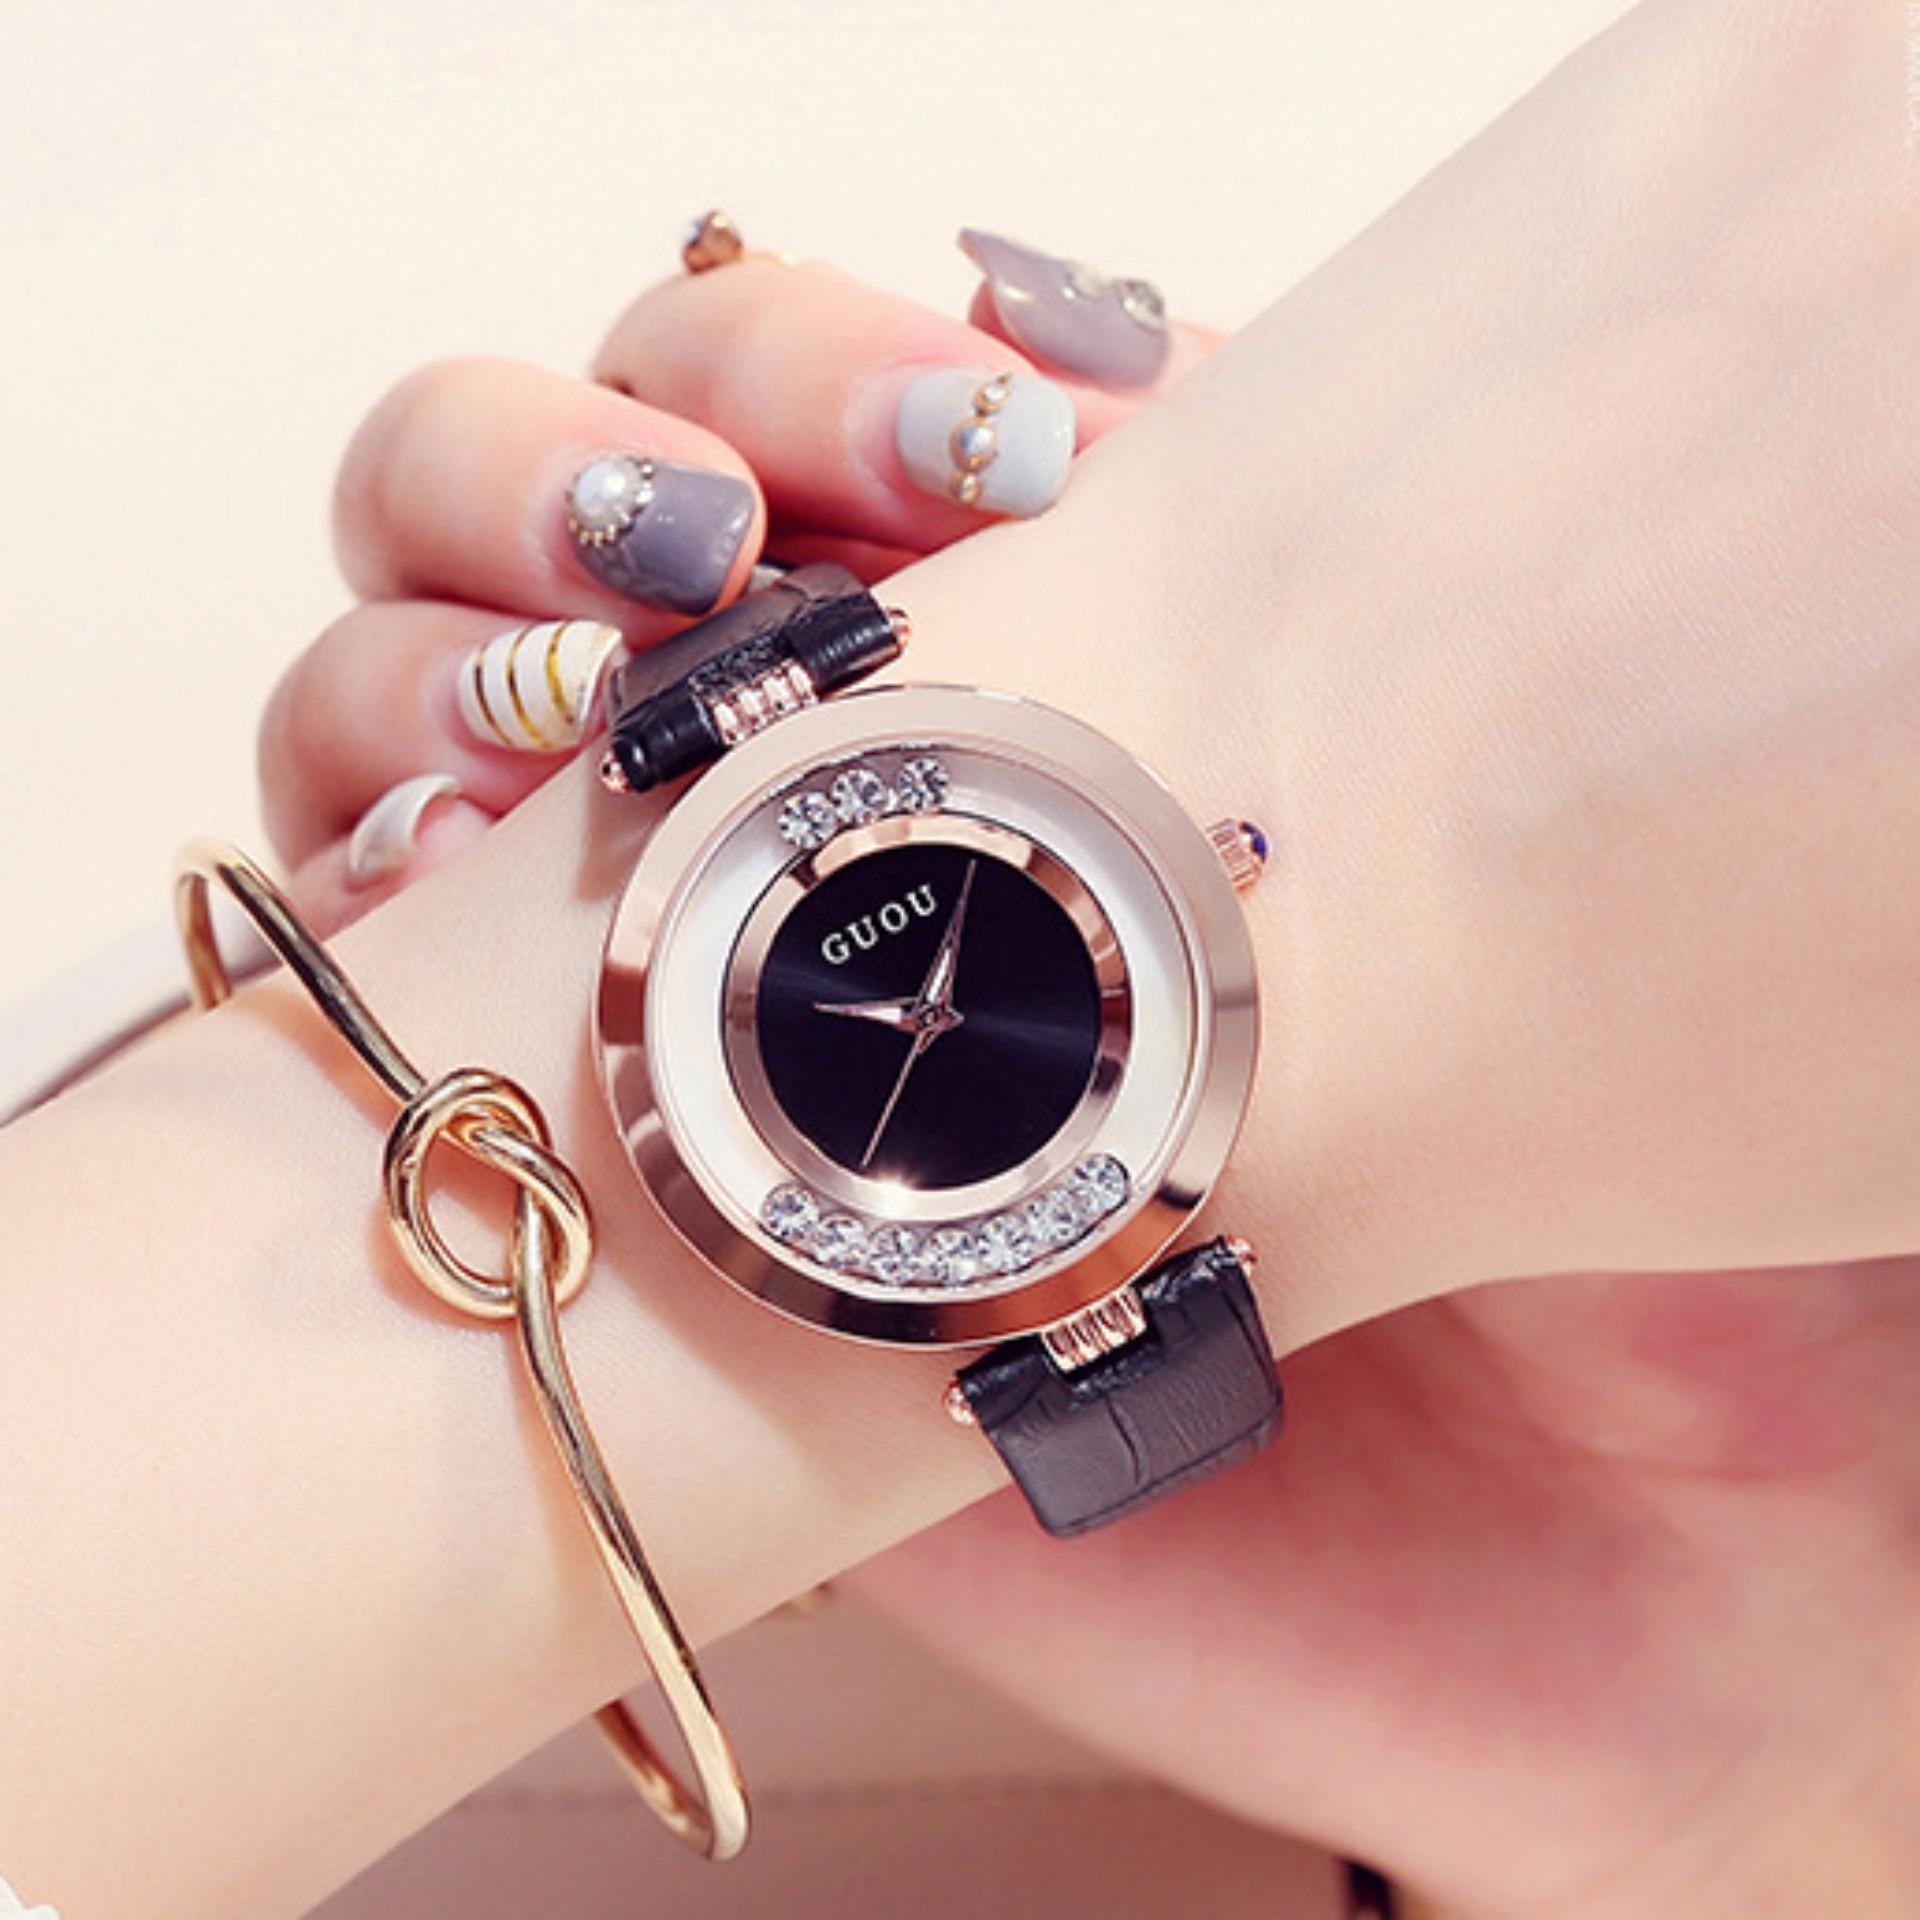 Đồng hồ nữ dây da đá xoay Guou G2017 màu đen + Tặng kèm vòng tay nữ xinh xắn